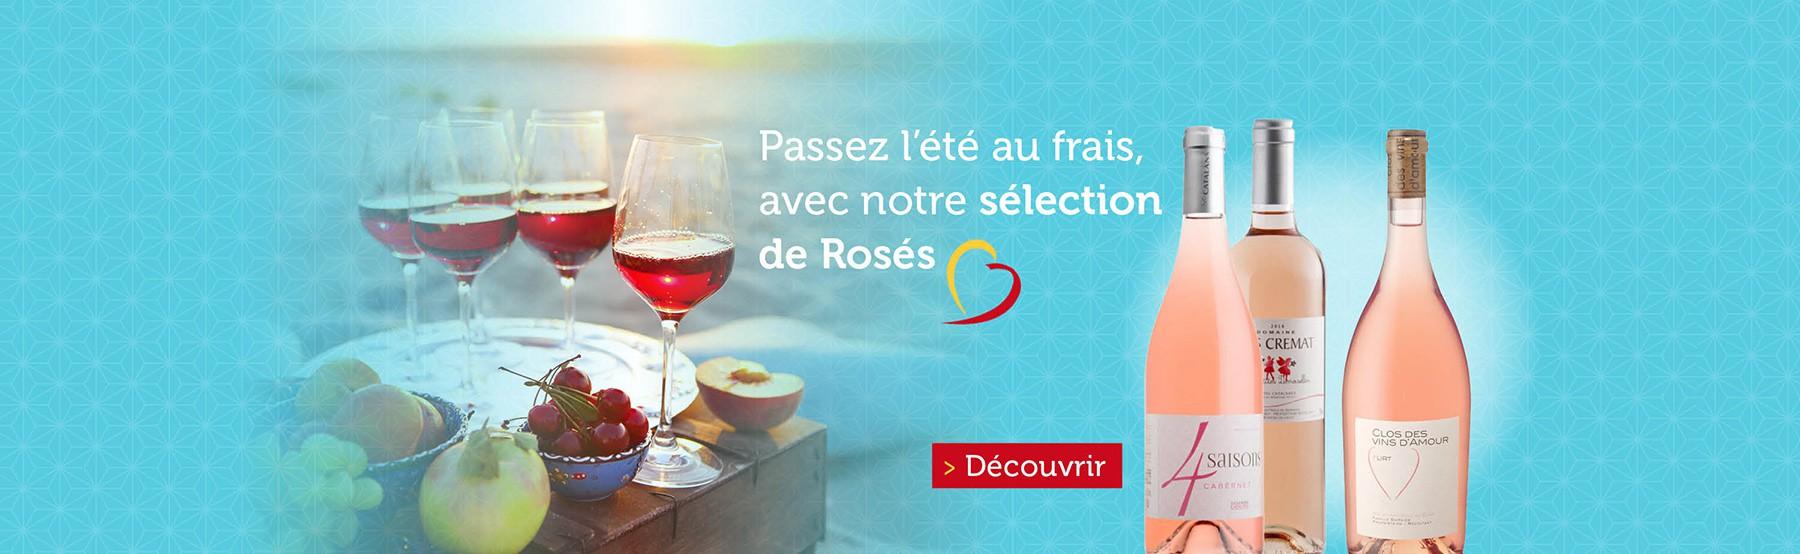 Vins Rosés 2018